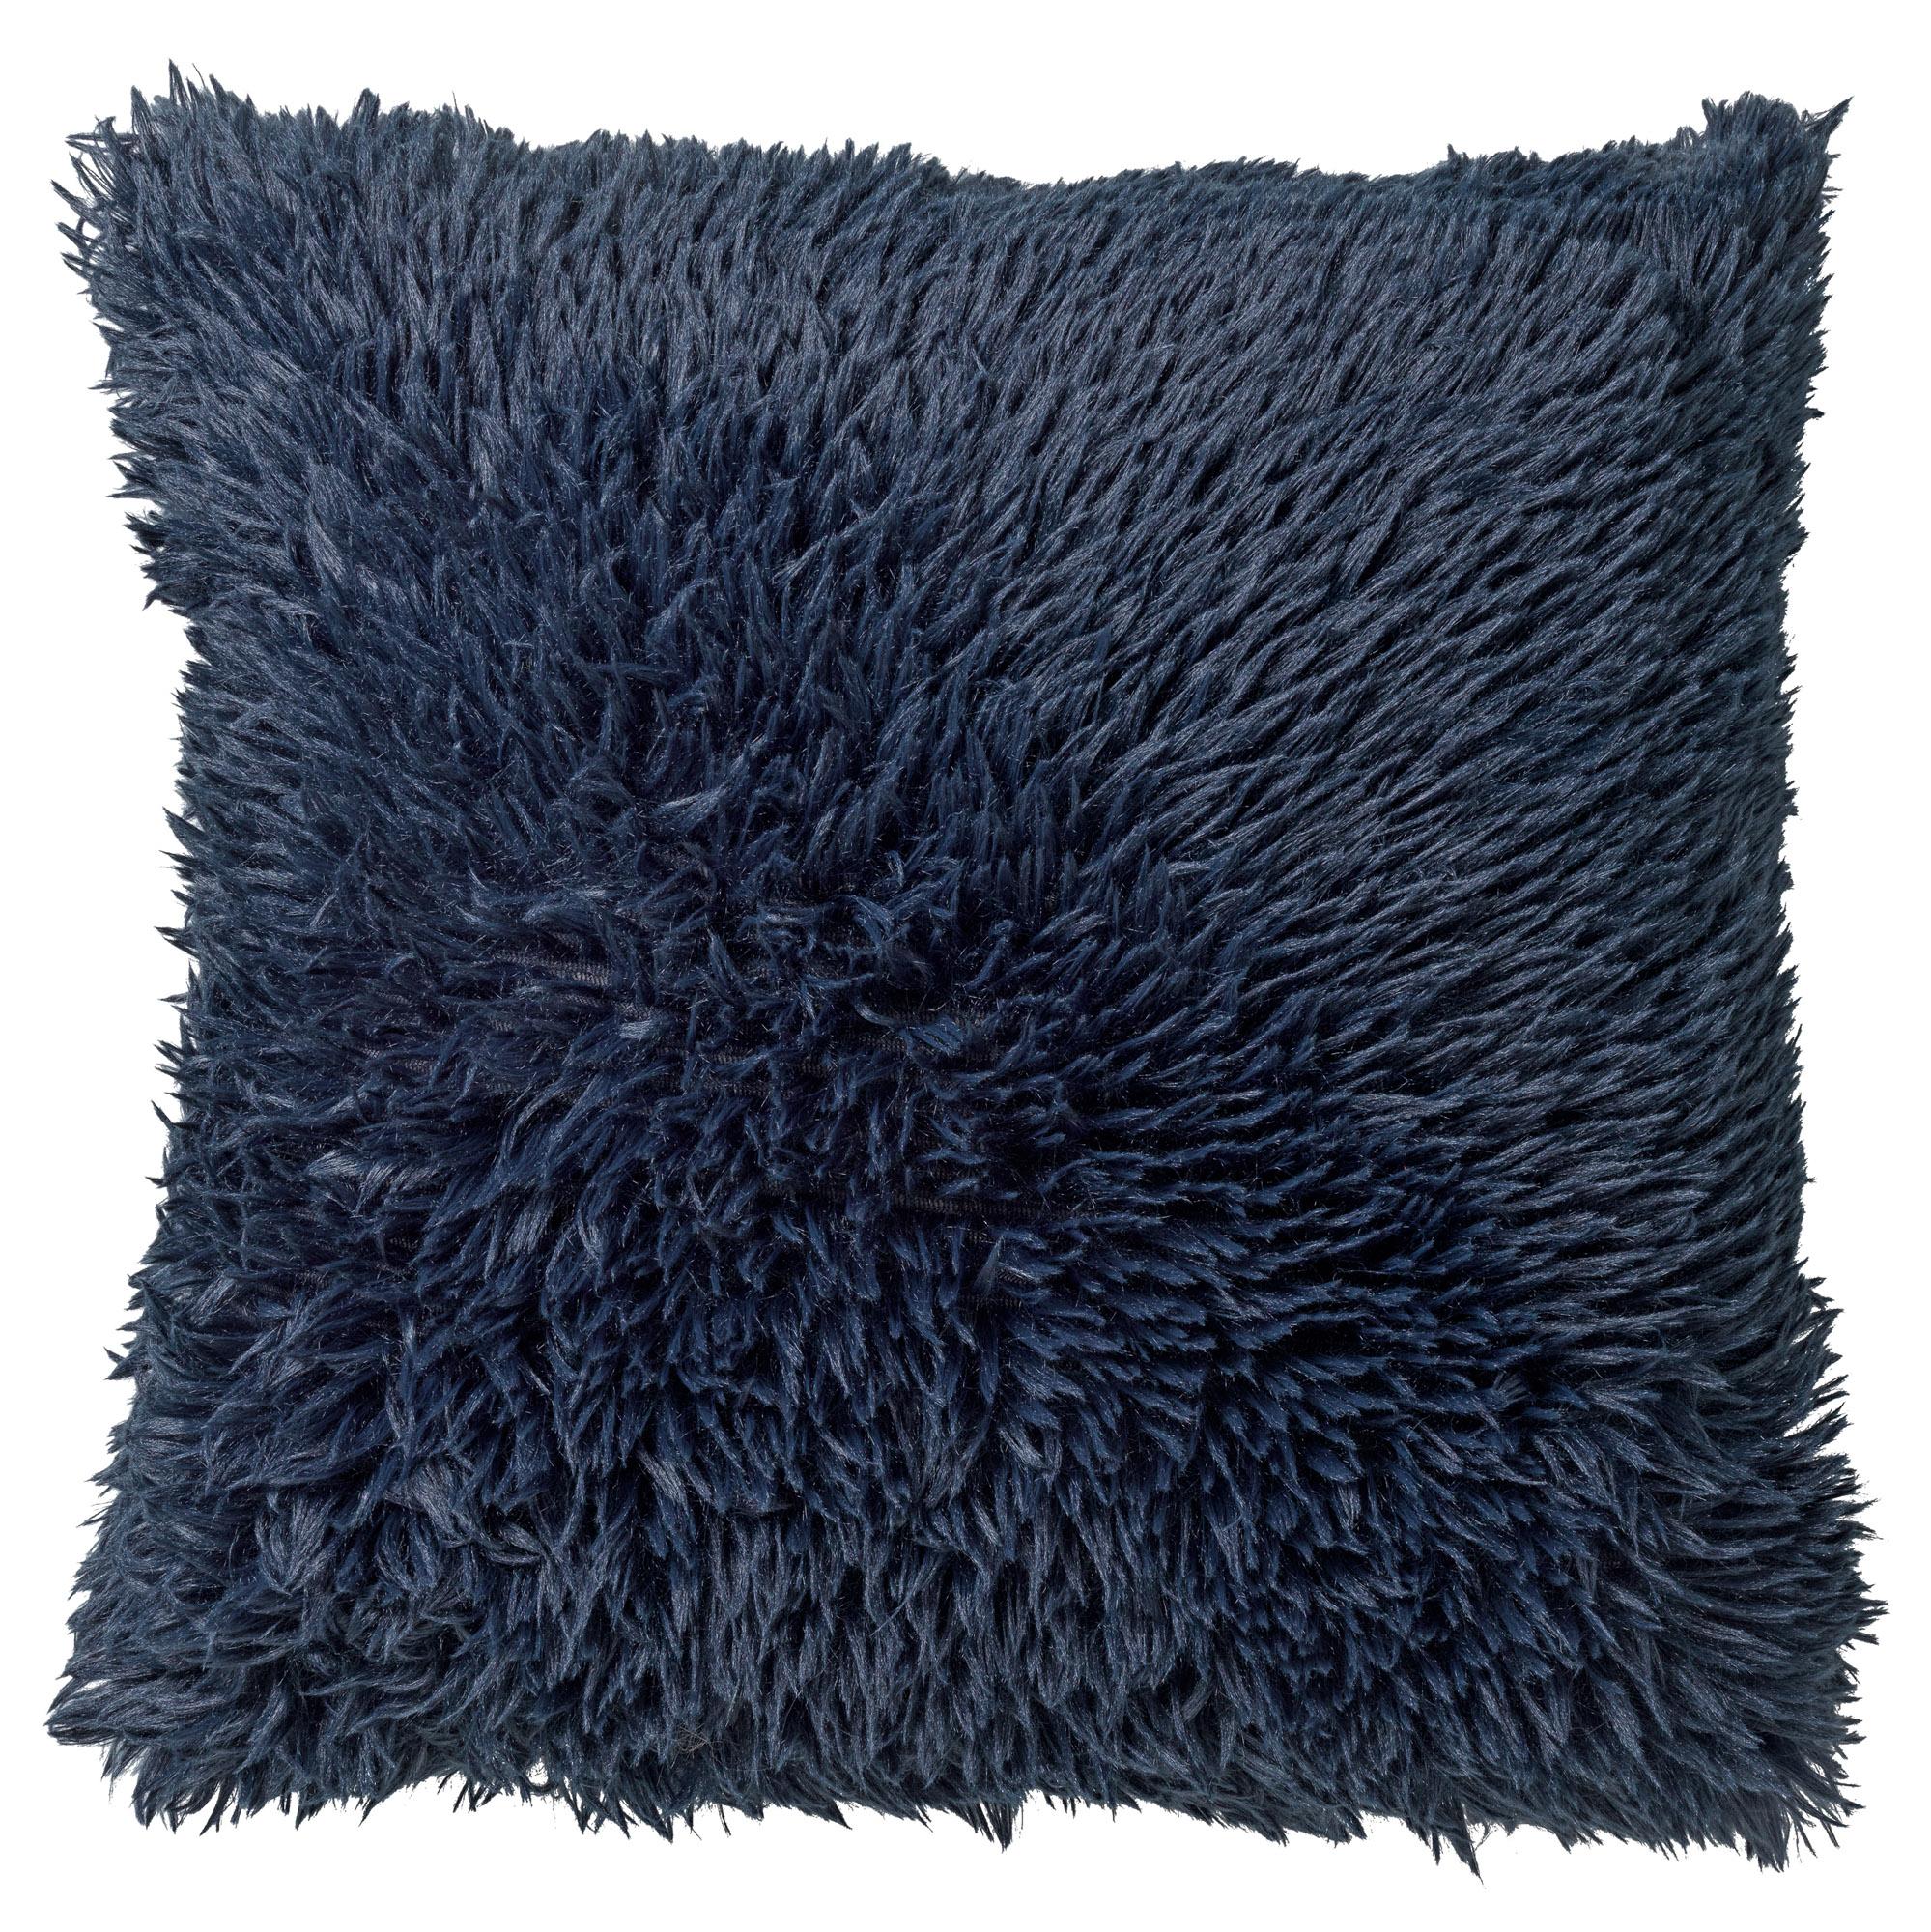 FLUFFY - Sierkussen unikleur donkerblauw 45x45 cm